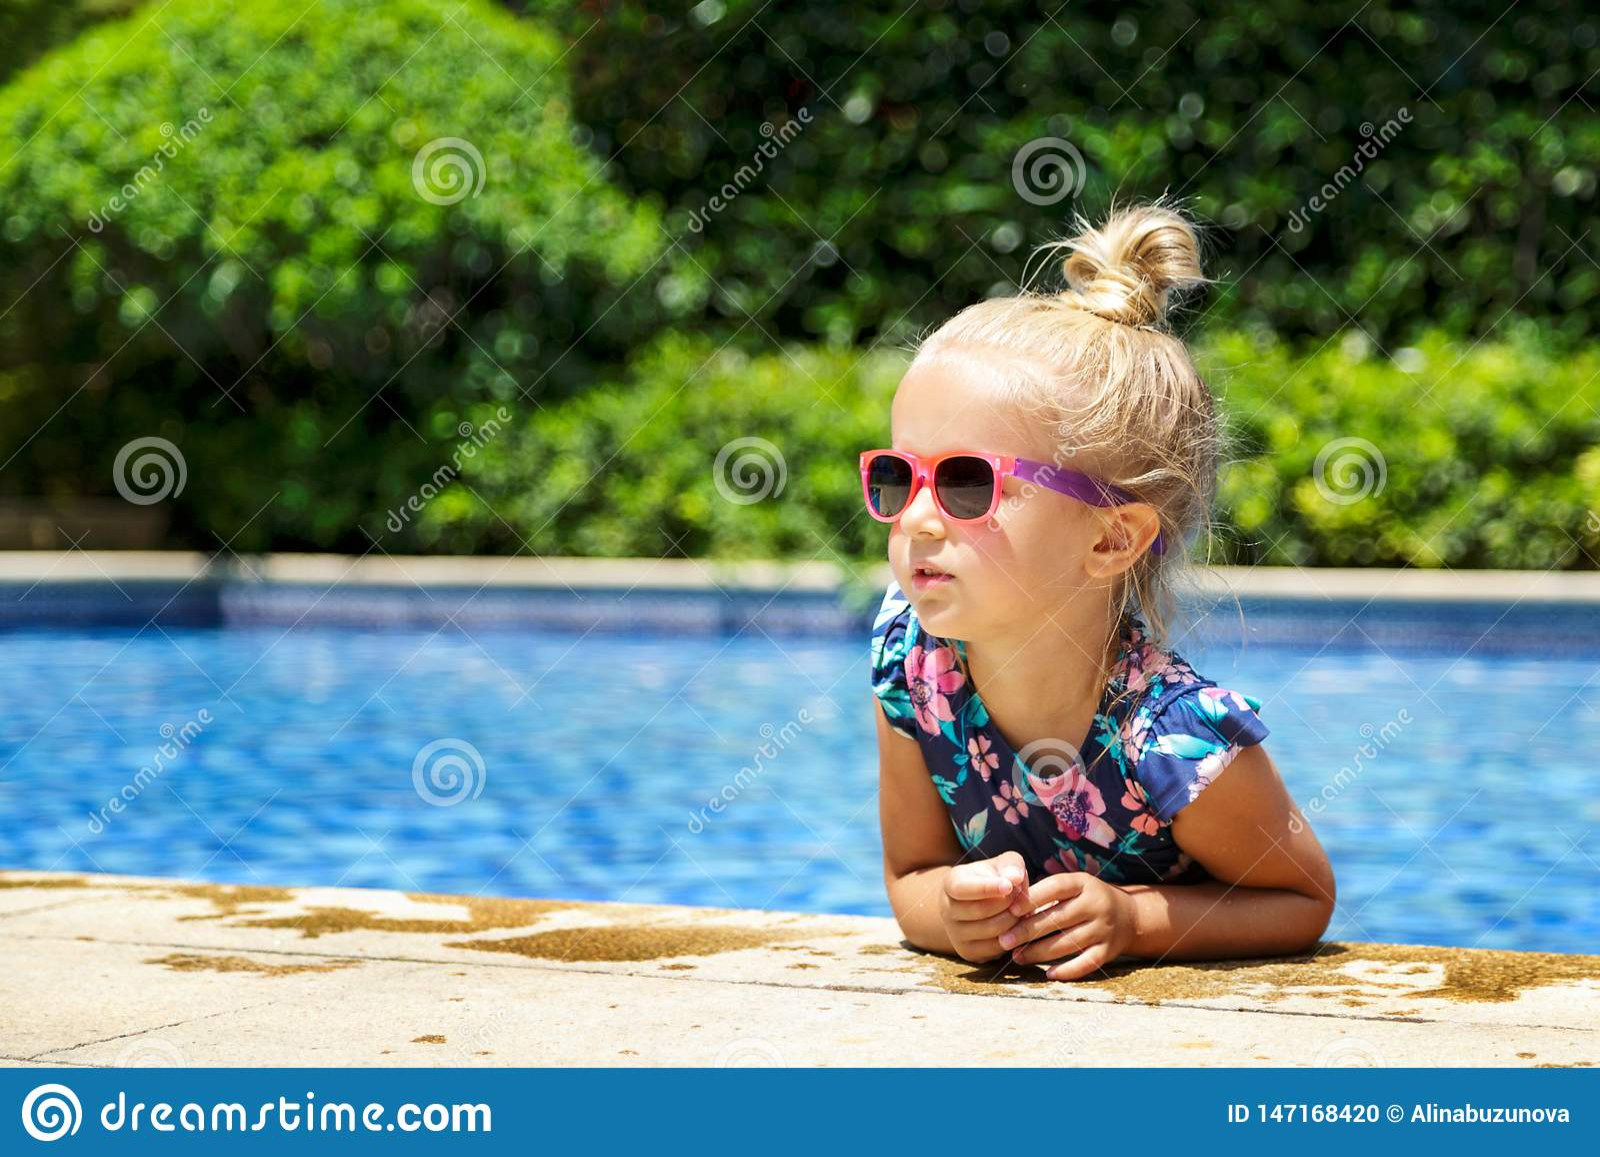 Szcz??liwa ma?a dziewczynka w plenerowym basenie na gor?cym letnim dniu Dzieciaki ucz? si? p?ywa? Dziecko sztuka w tropikalnym ku